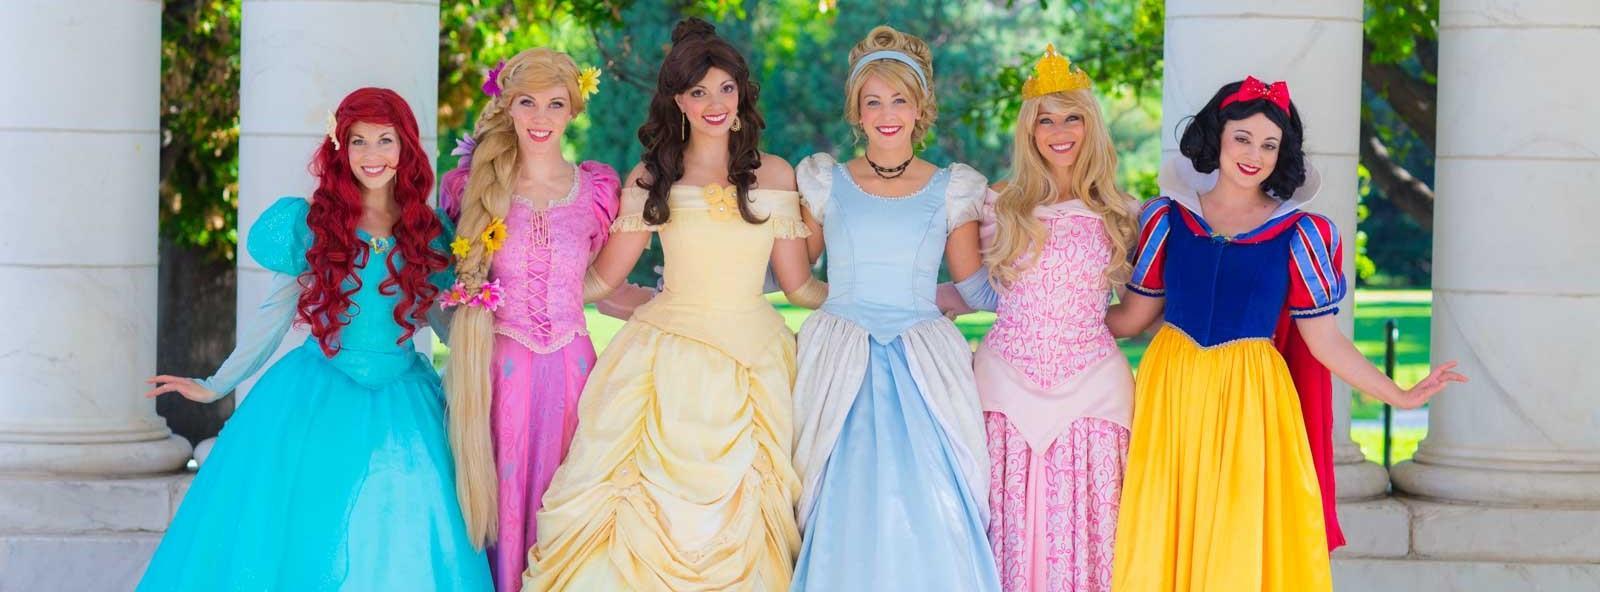 Disney Princesses Bouncy Castle Hire Bouncy Castles